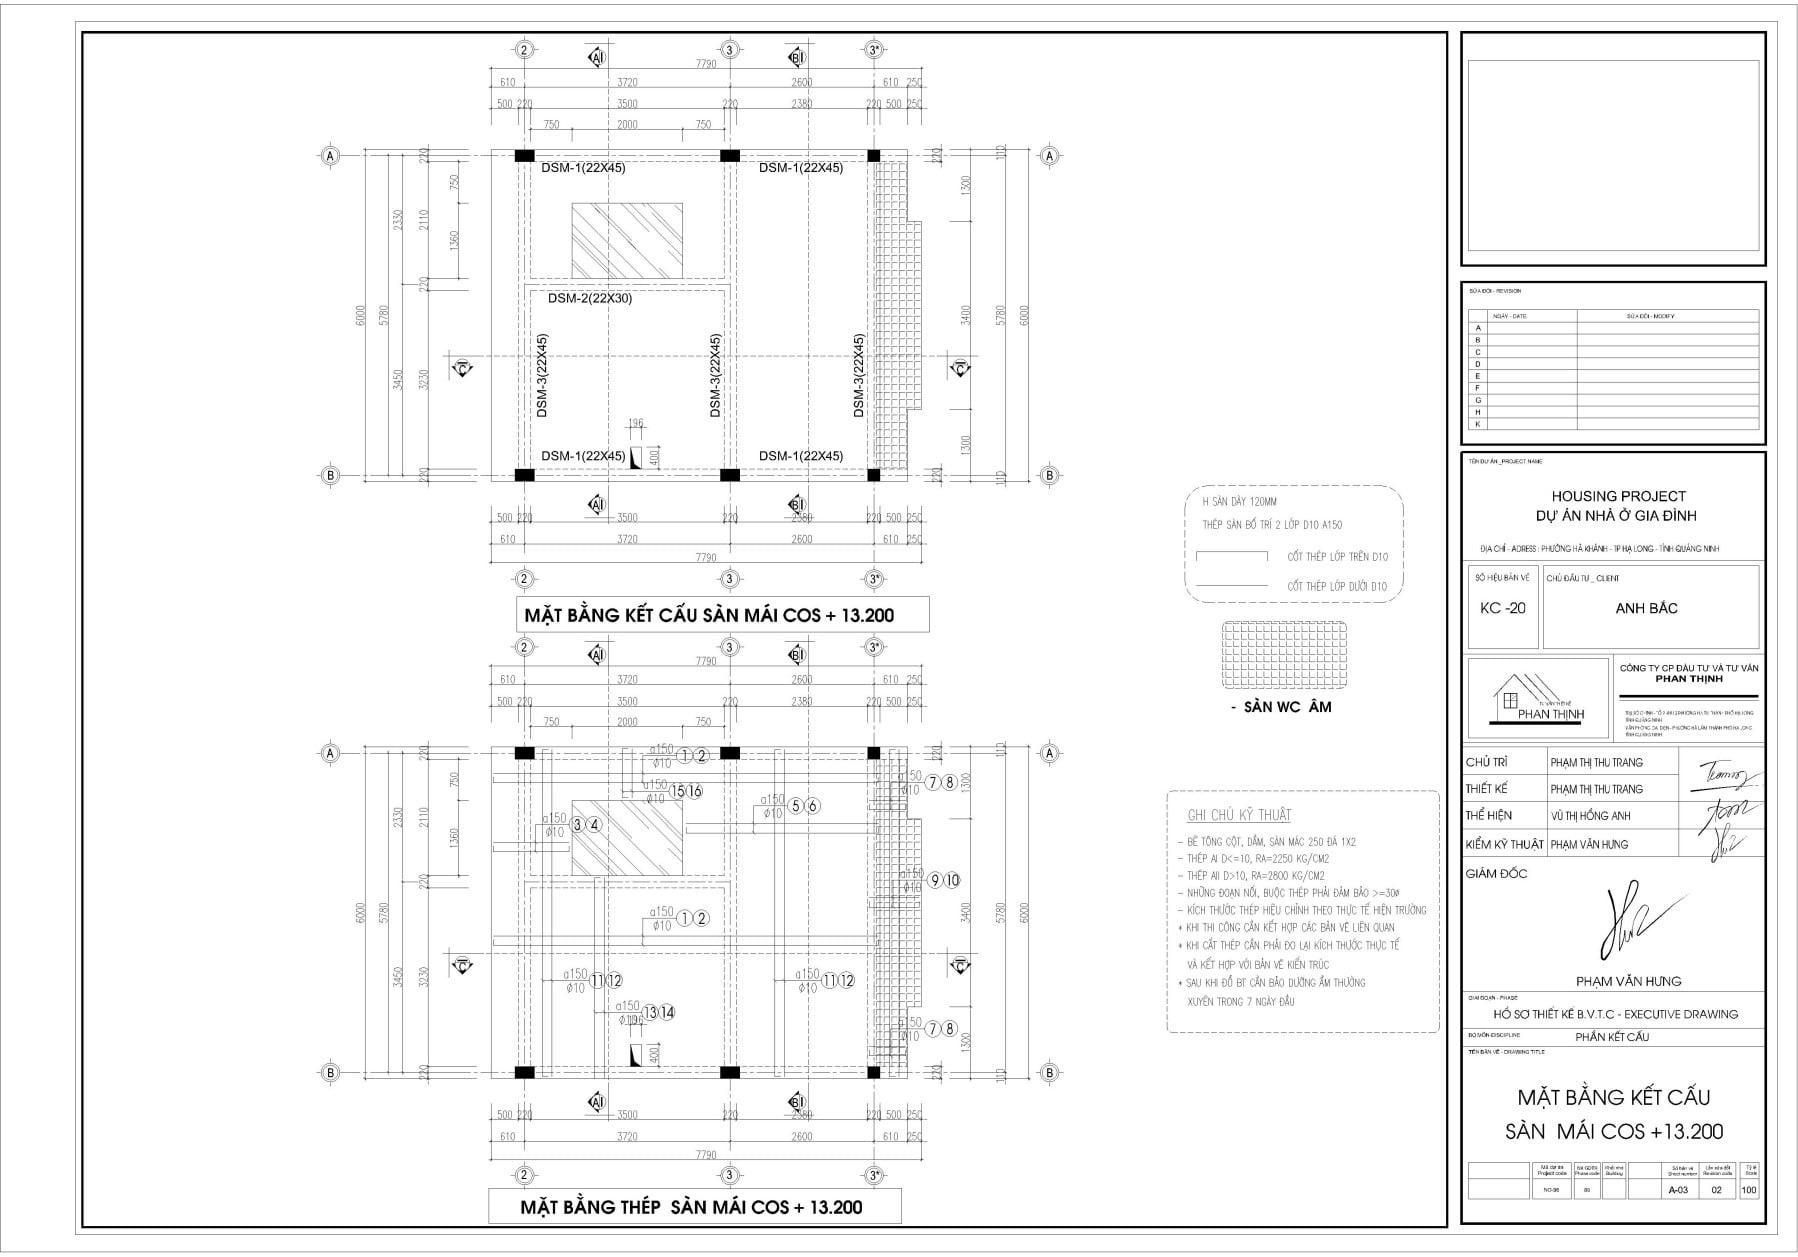 Mặt bằng thiết kế kết cấu dầm sàn tầng mái